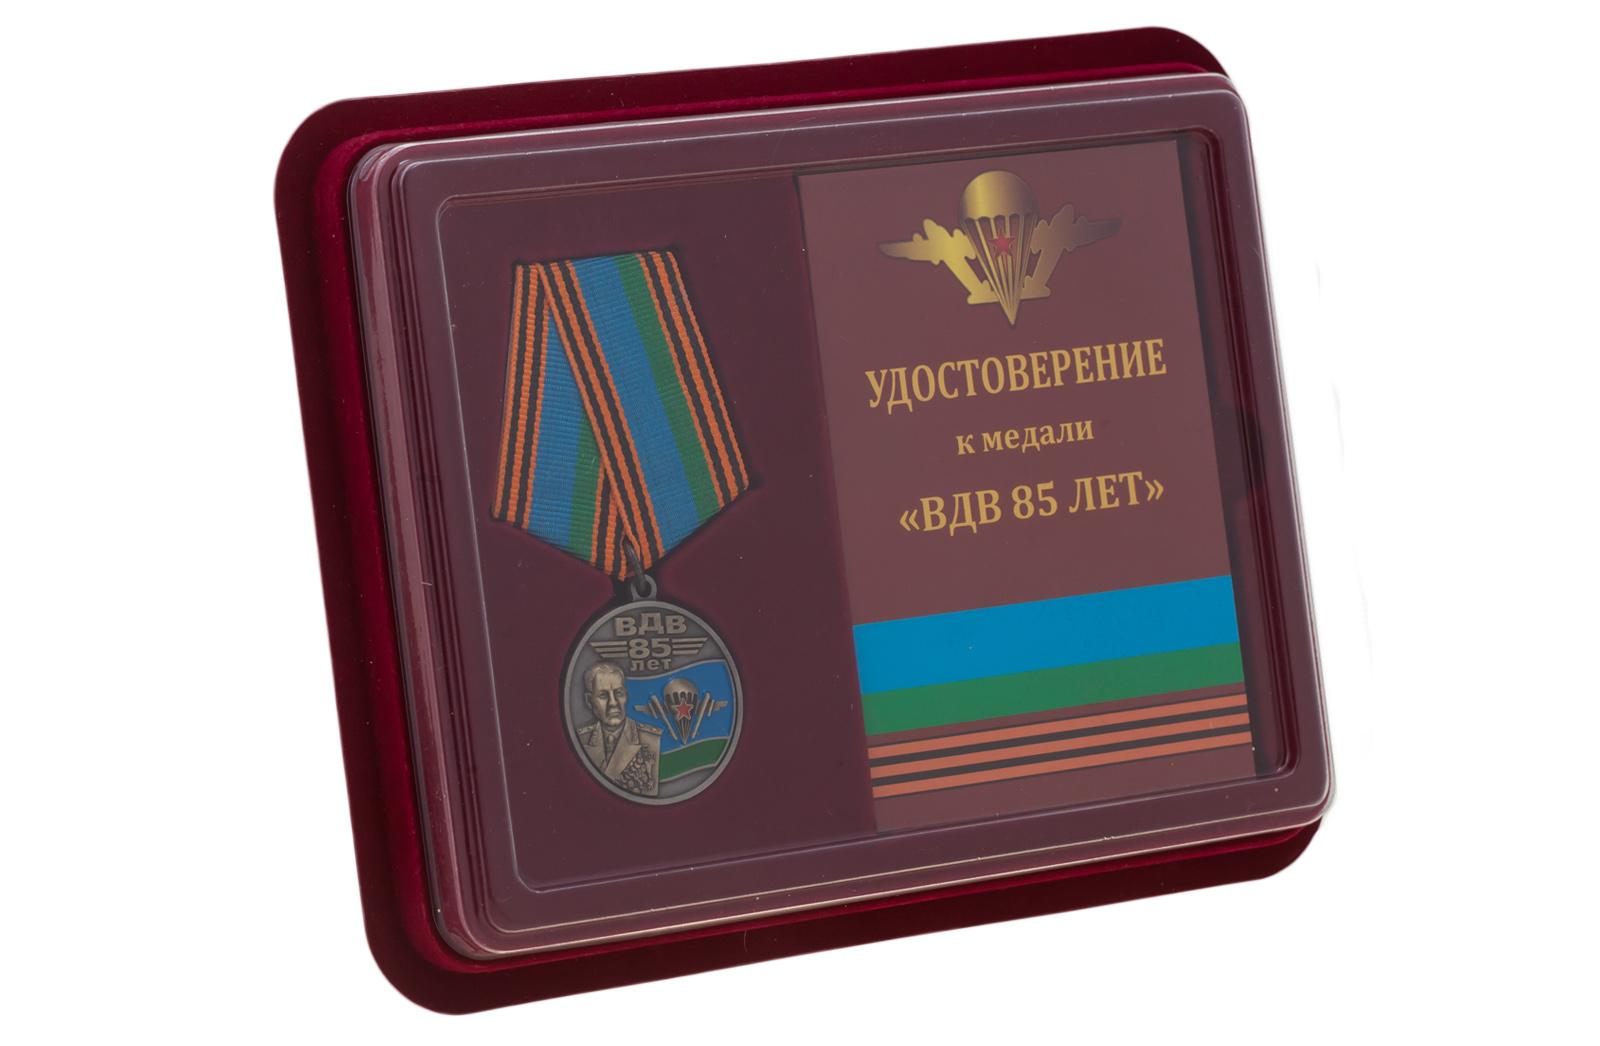 Купить медаль ВДВ с портретом Маргелова онлайн с доставкой